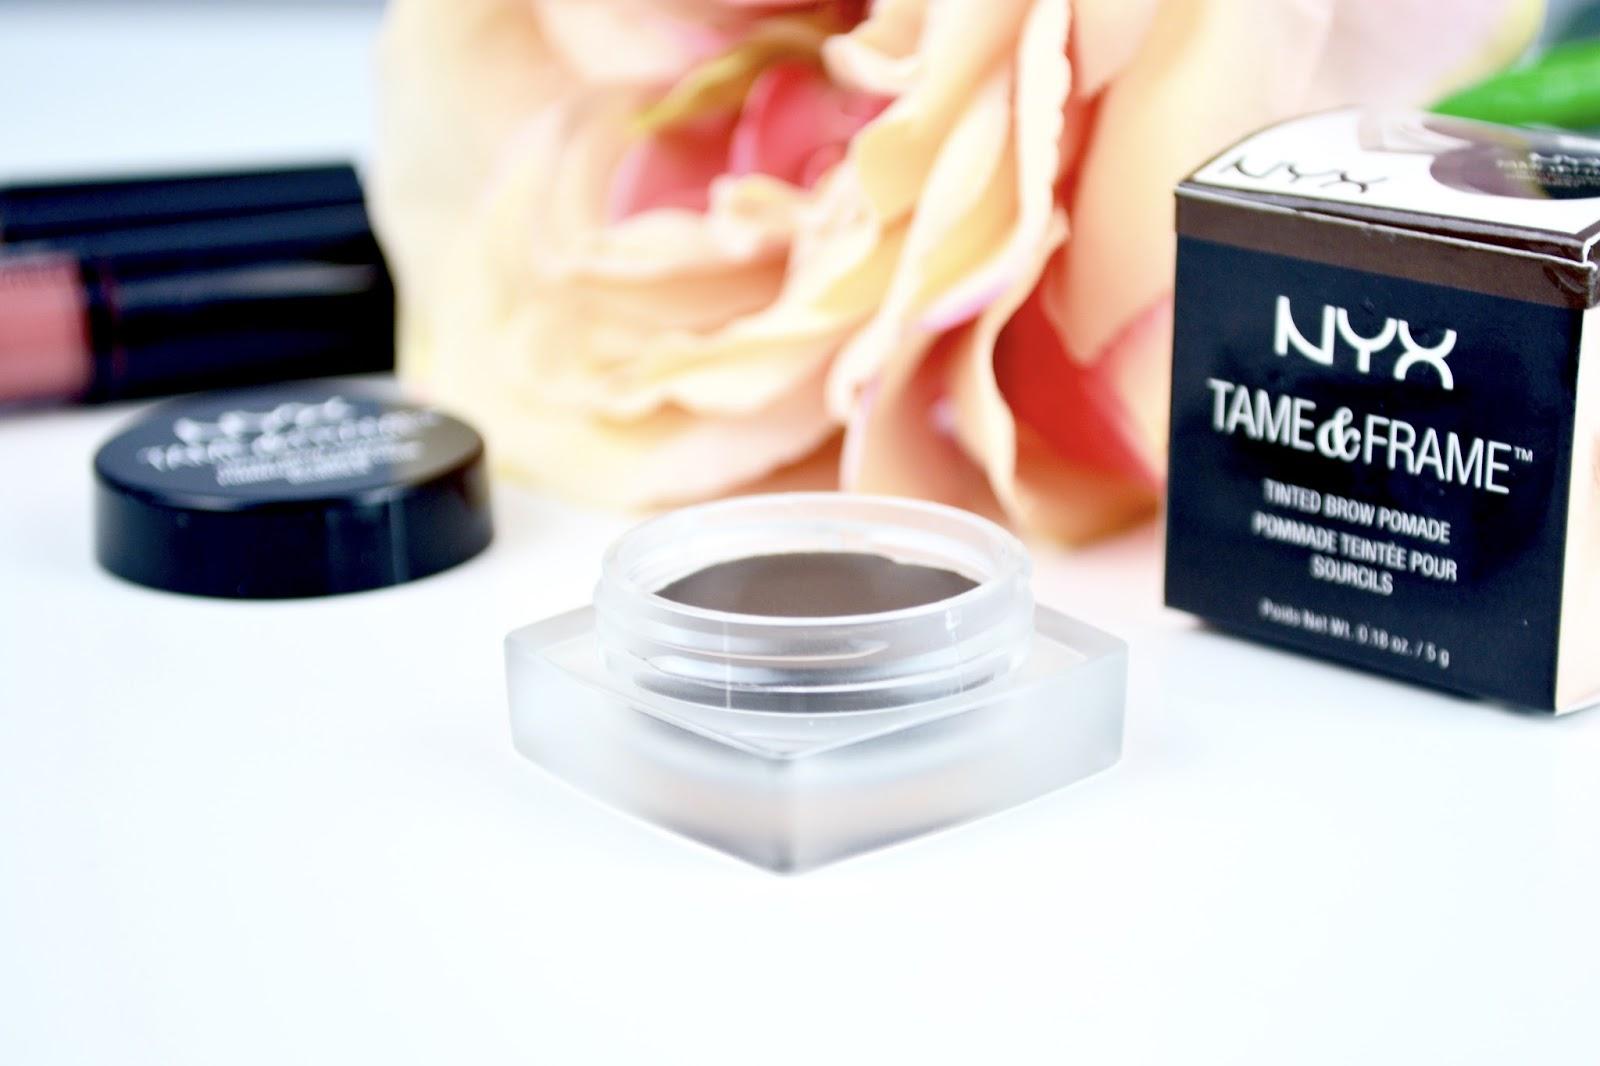 Brows, NYX, NYX Cosmetics, NYX Tame and Frame Brow Pomade, Brow Pomade, Eyebrows, Makeup